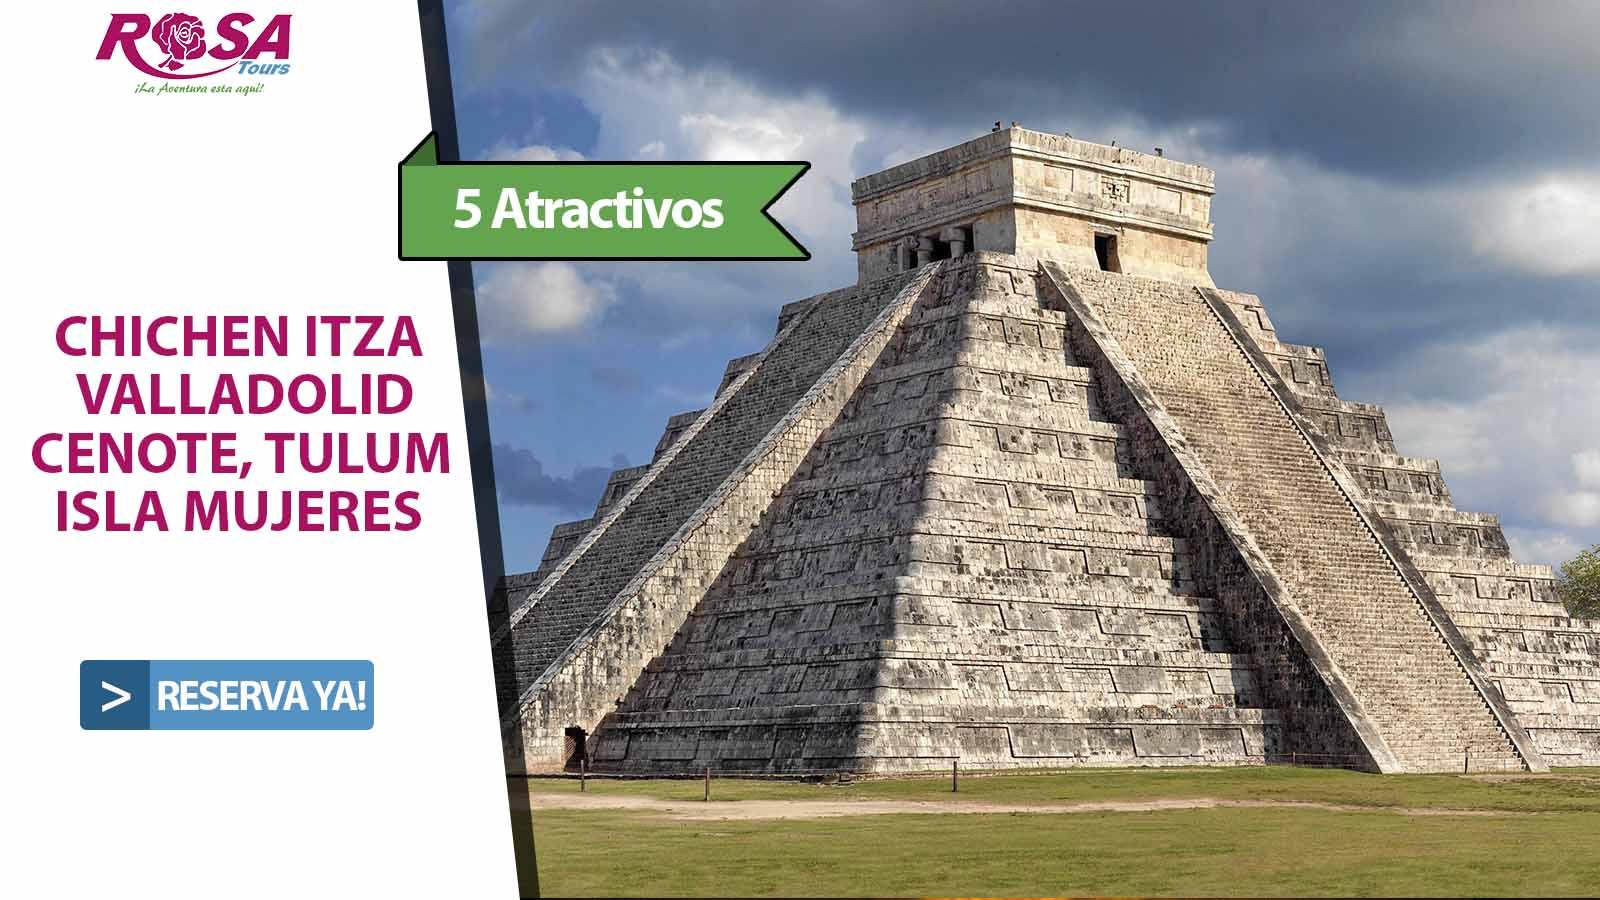 Chichen Itza + Tulum + Isla Mujeres  Basico / 3 Dias - 3 Tours